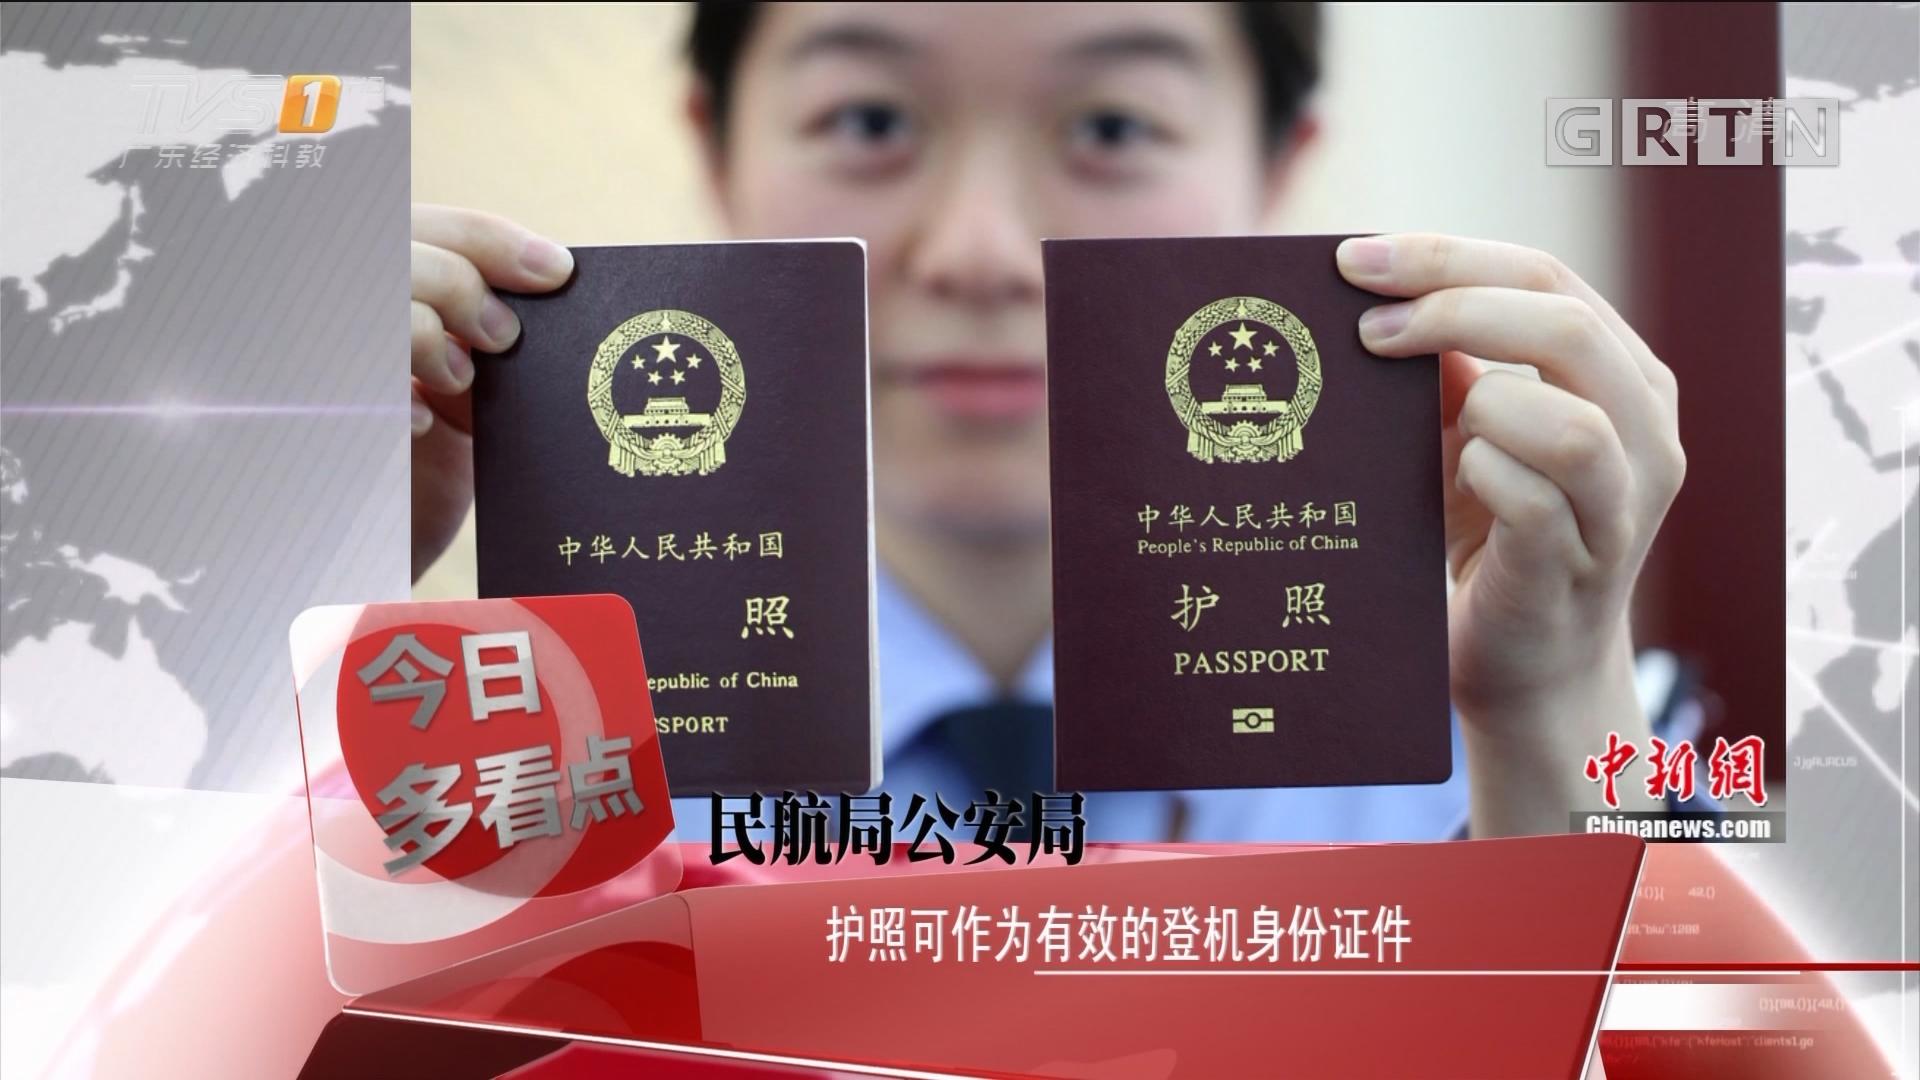 民航局公安局:护照可作为有效的登机身份证件